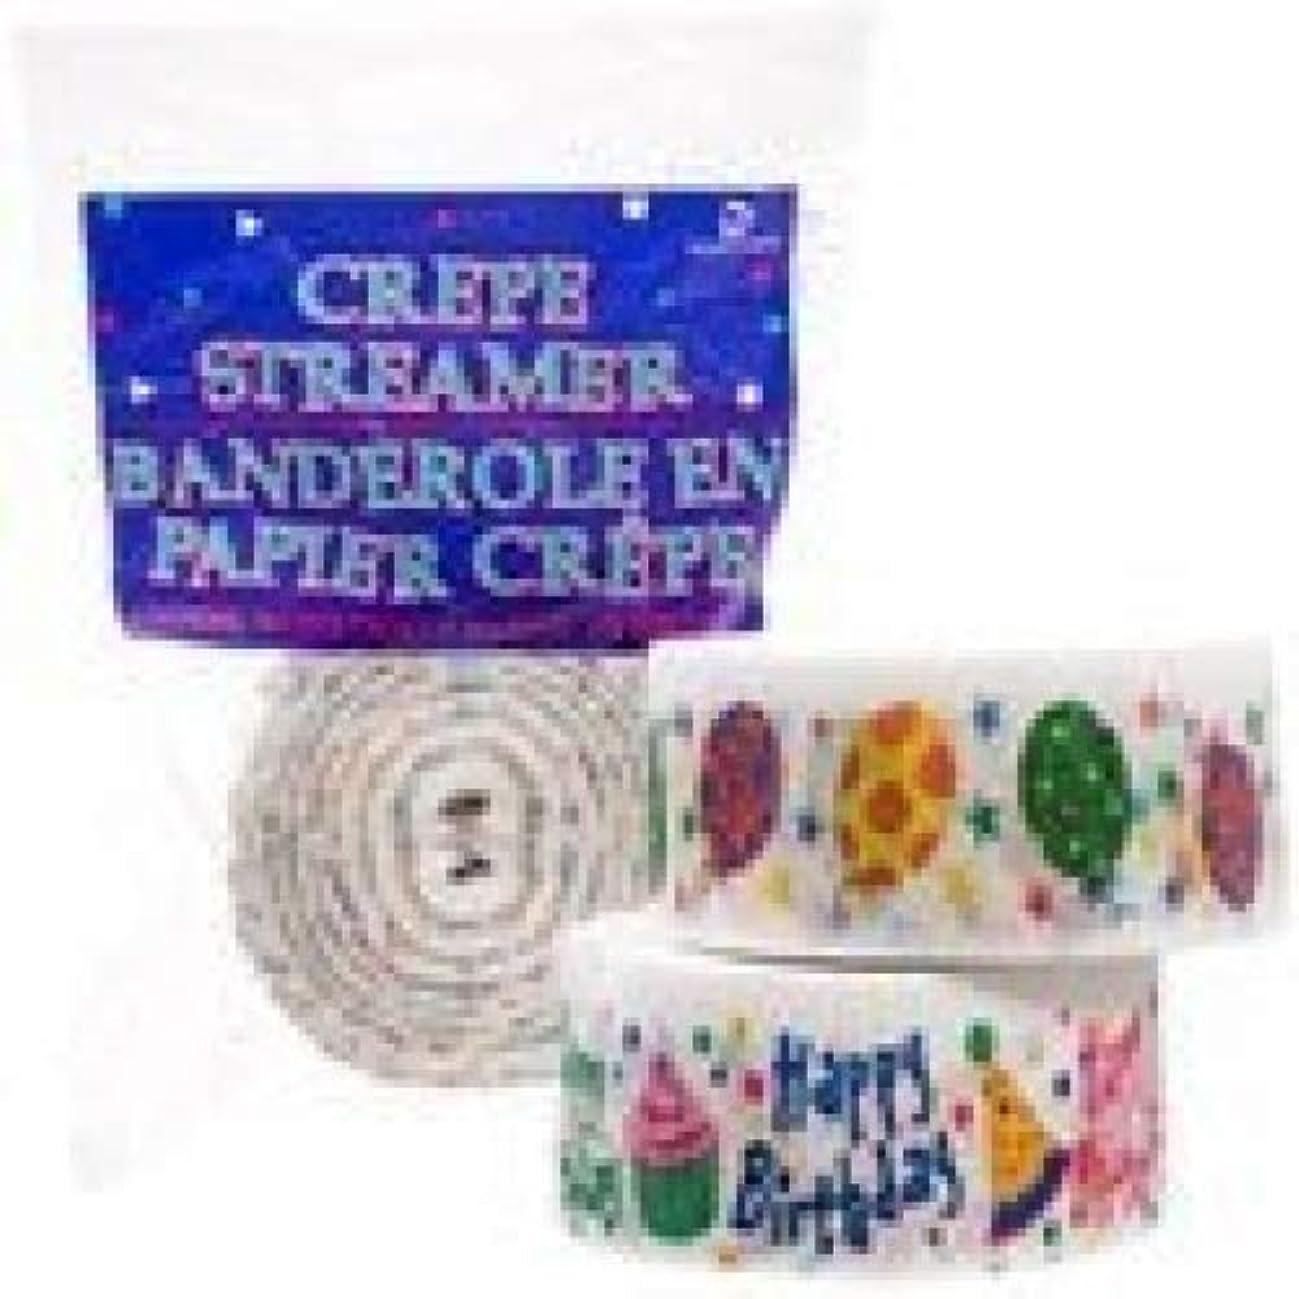 Pack of 2: Crepe Paper Streamer, Each Roll 90 Feet Long, 1 7/8